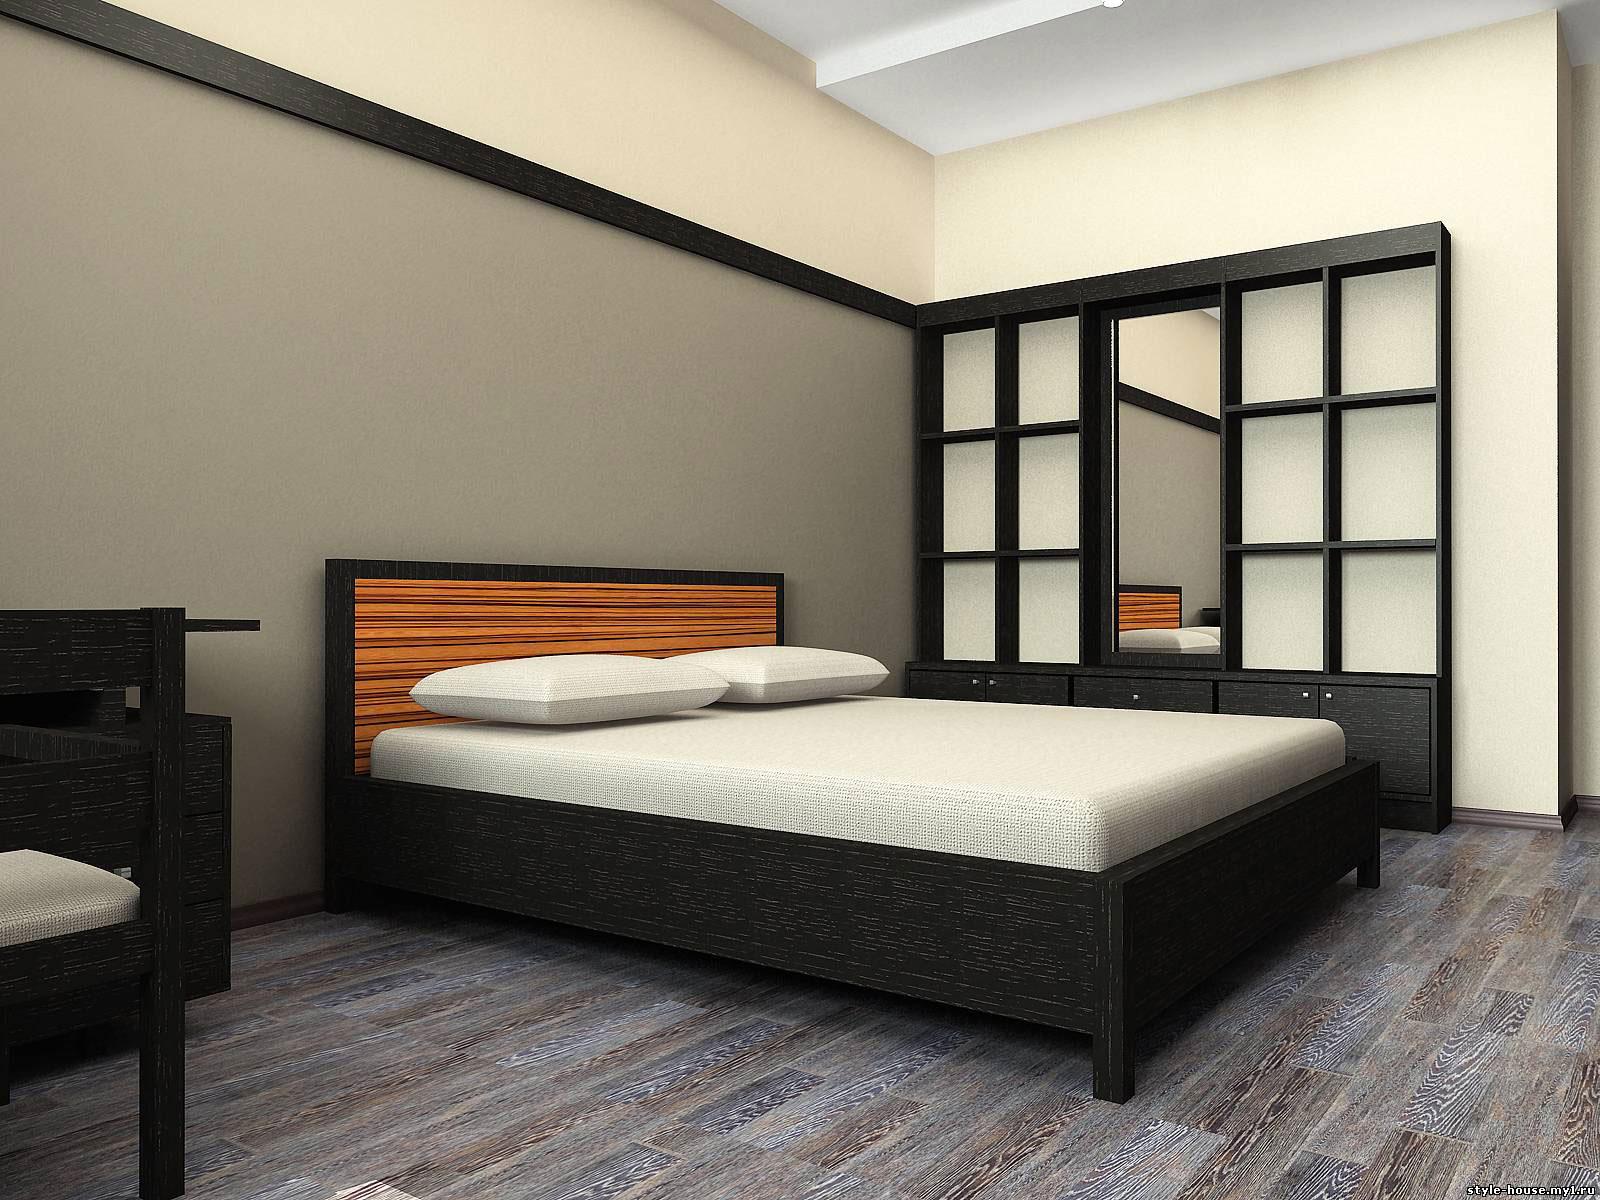 мебель в стиле модерн в интерьере спальни